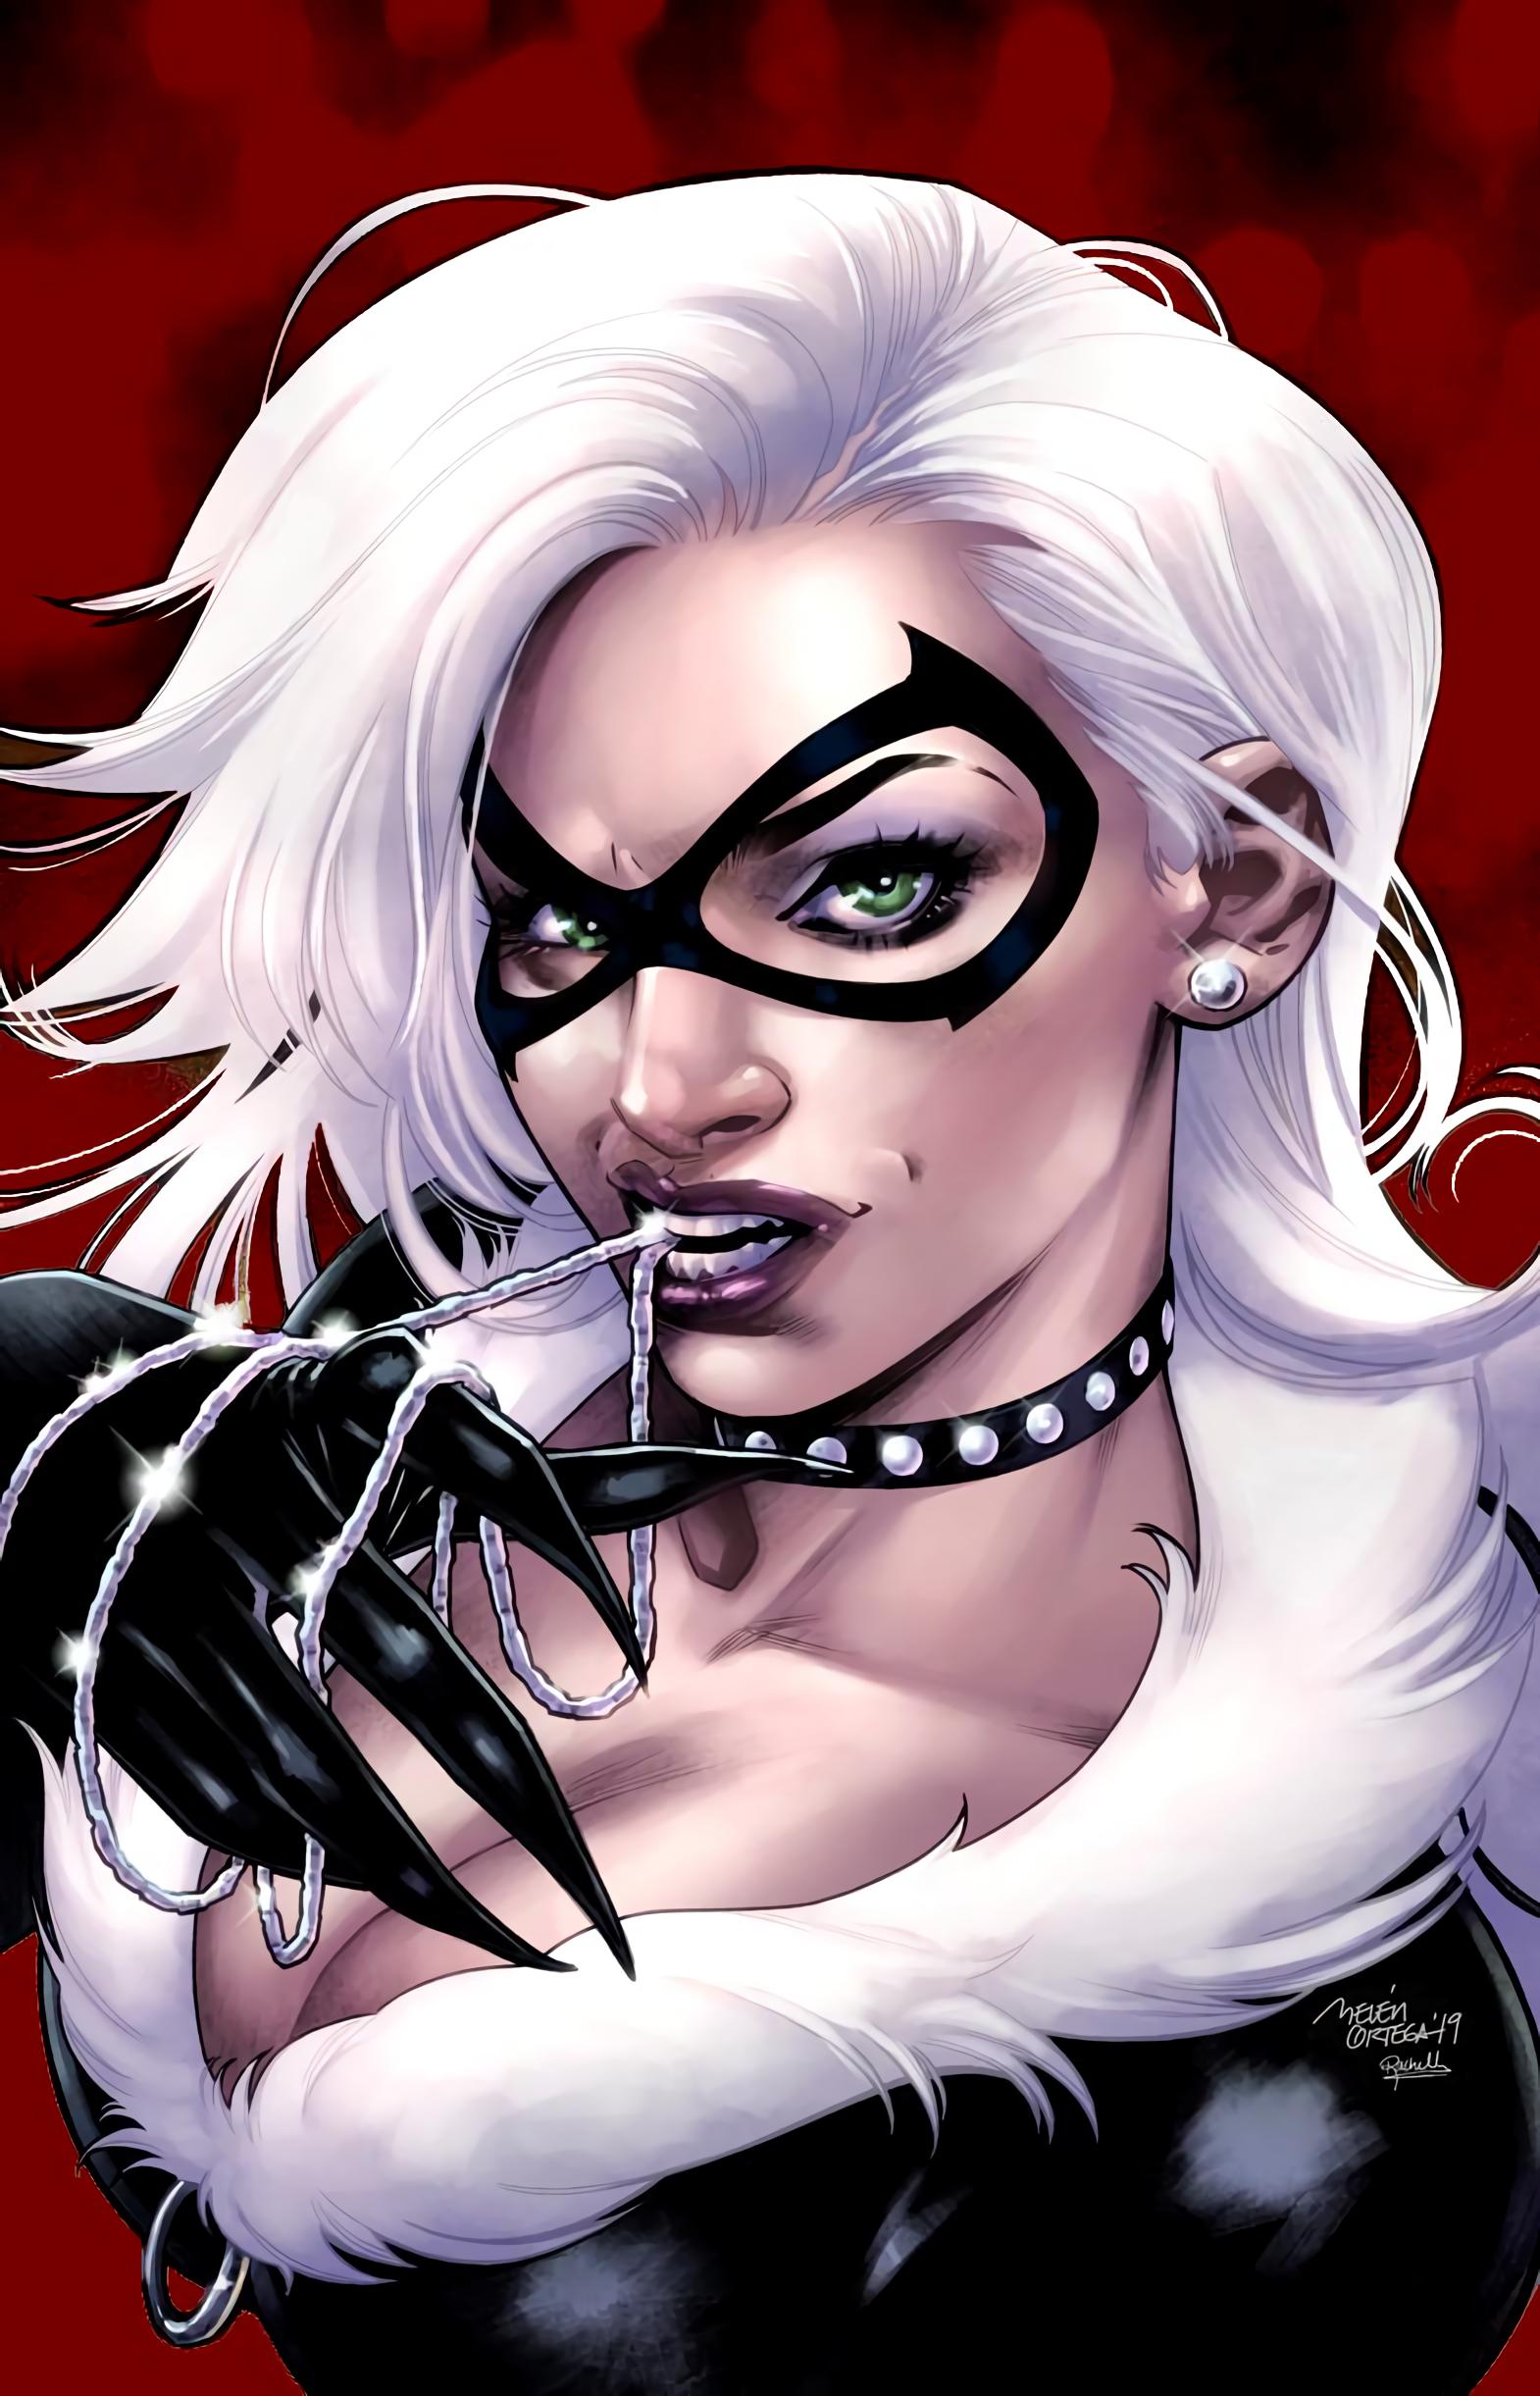 Black Cat 2019 1 Variant Cover Spider Man Belen Ortega A Rachelle Rosenberg C Black Cat Marvel Black Cat Art Black Cat